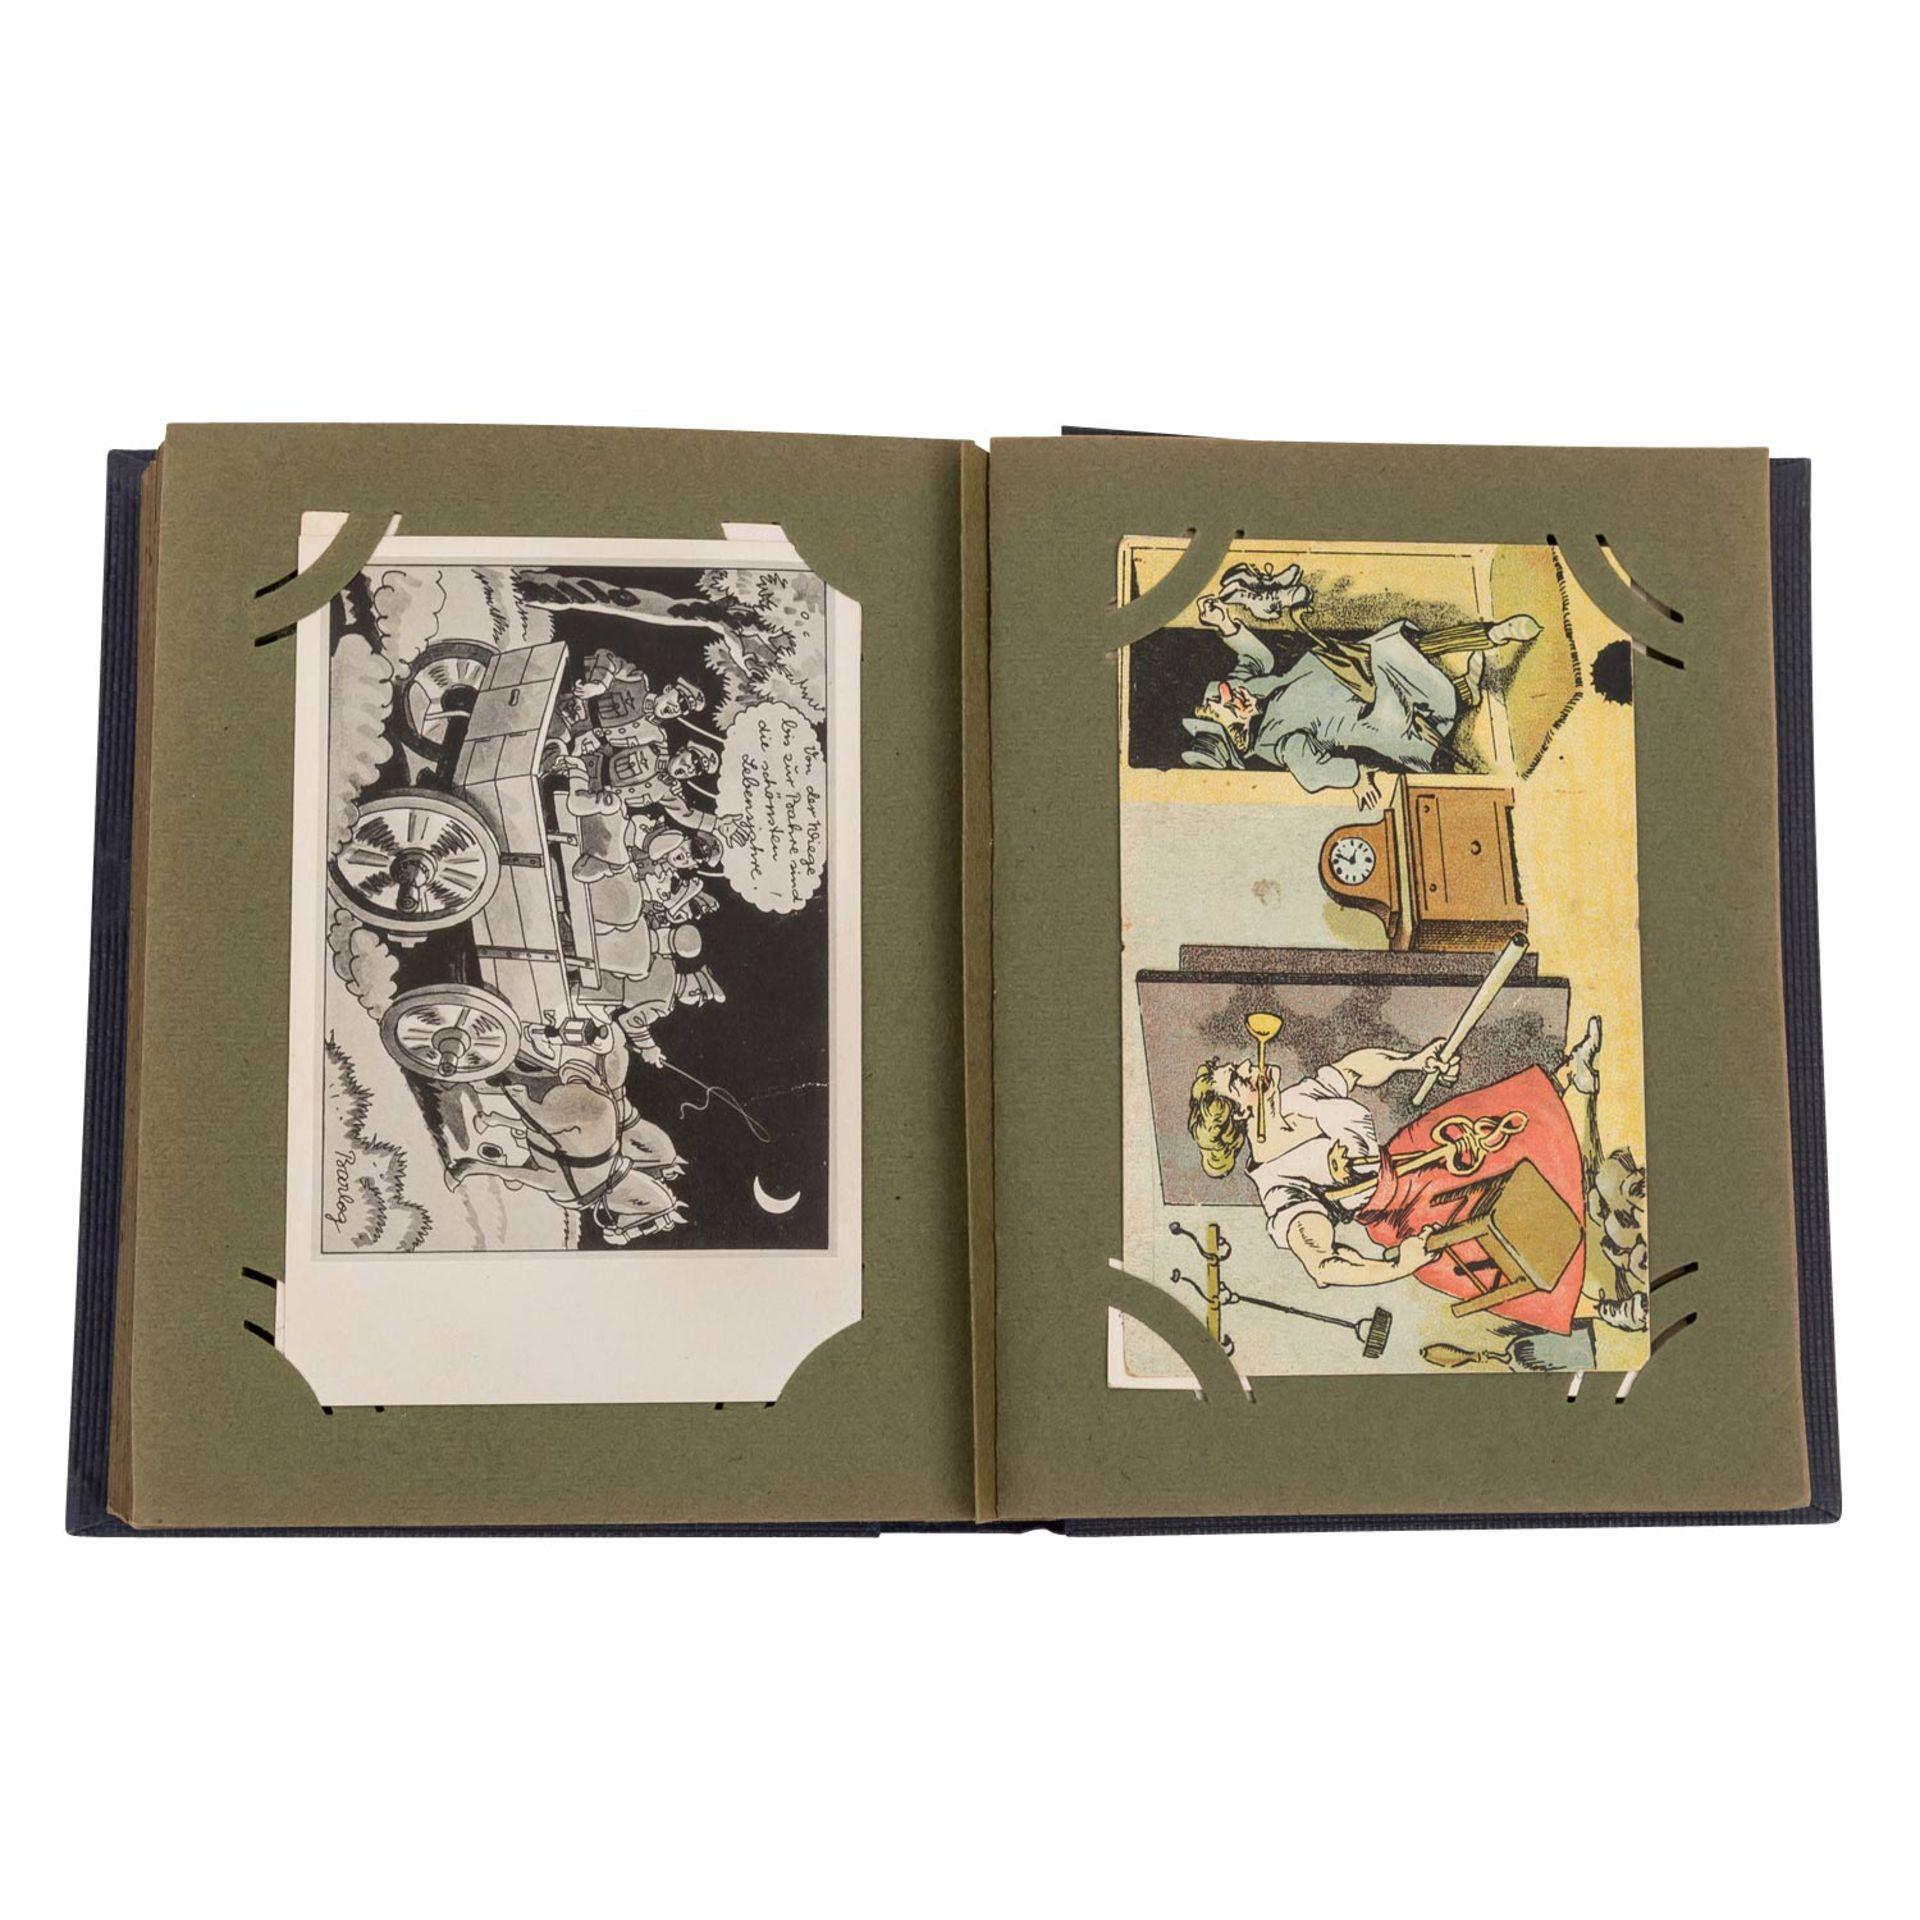 Hist. Postkartenalbum, Deutschland 19./20.Jh. - - Bild 4 aus 4